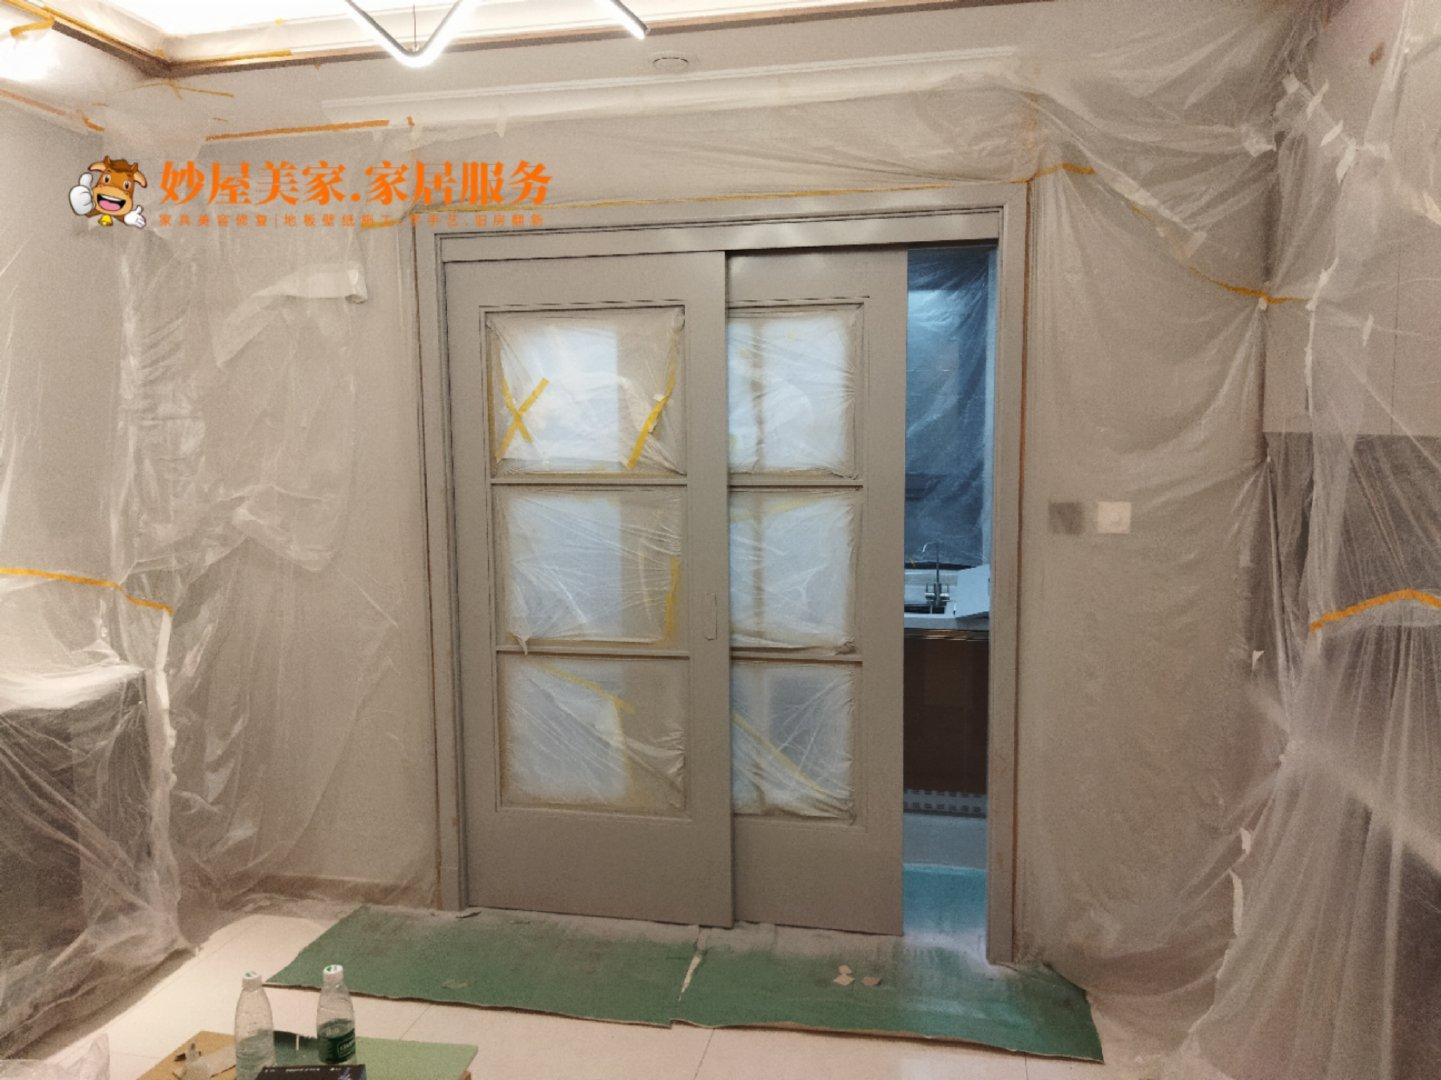 妙屋家具修复学校水性漆木门改色,家具翻新后整体超出了预期!